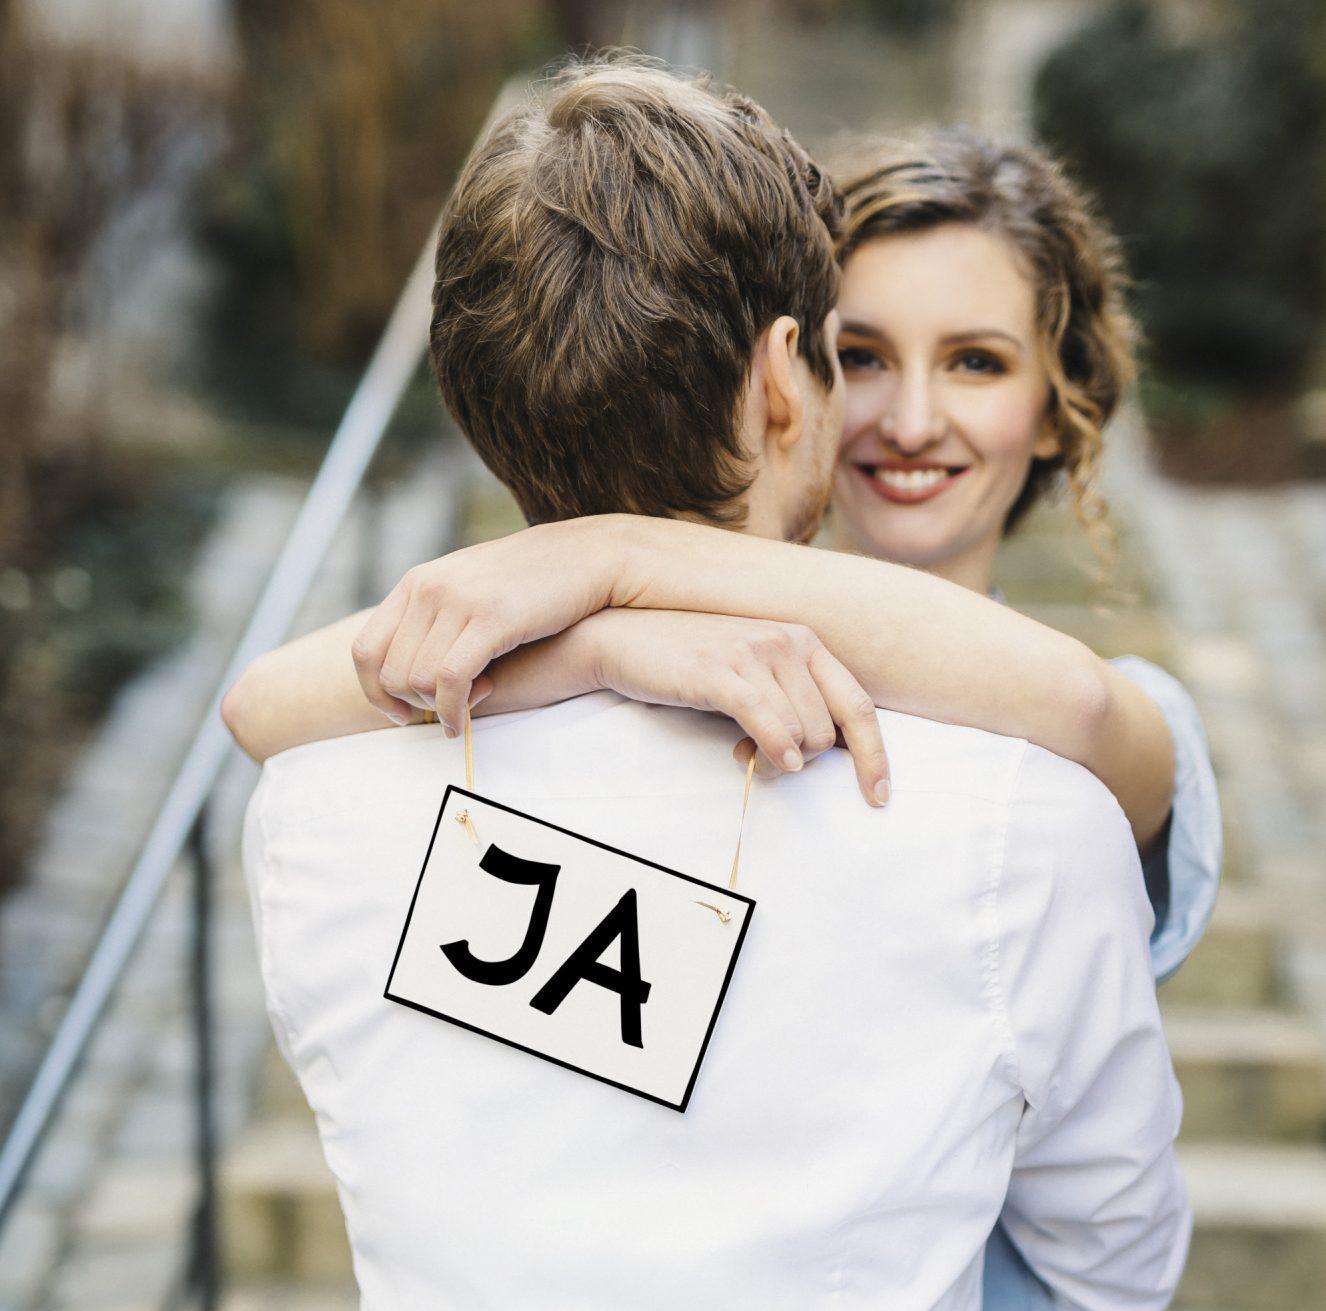 Das_JA_zu_unserer_Liebe